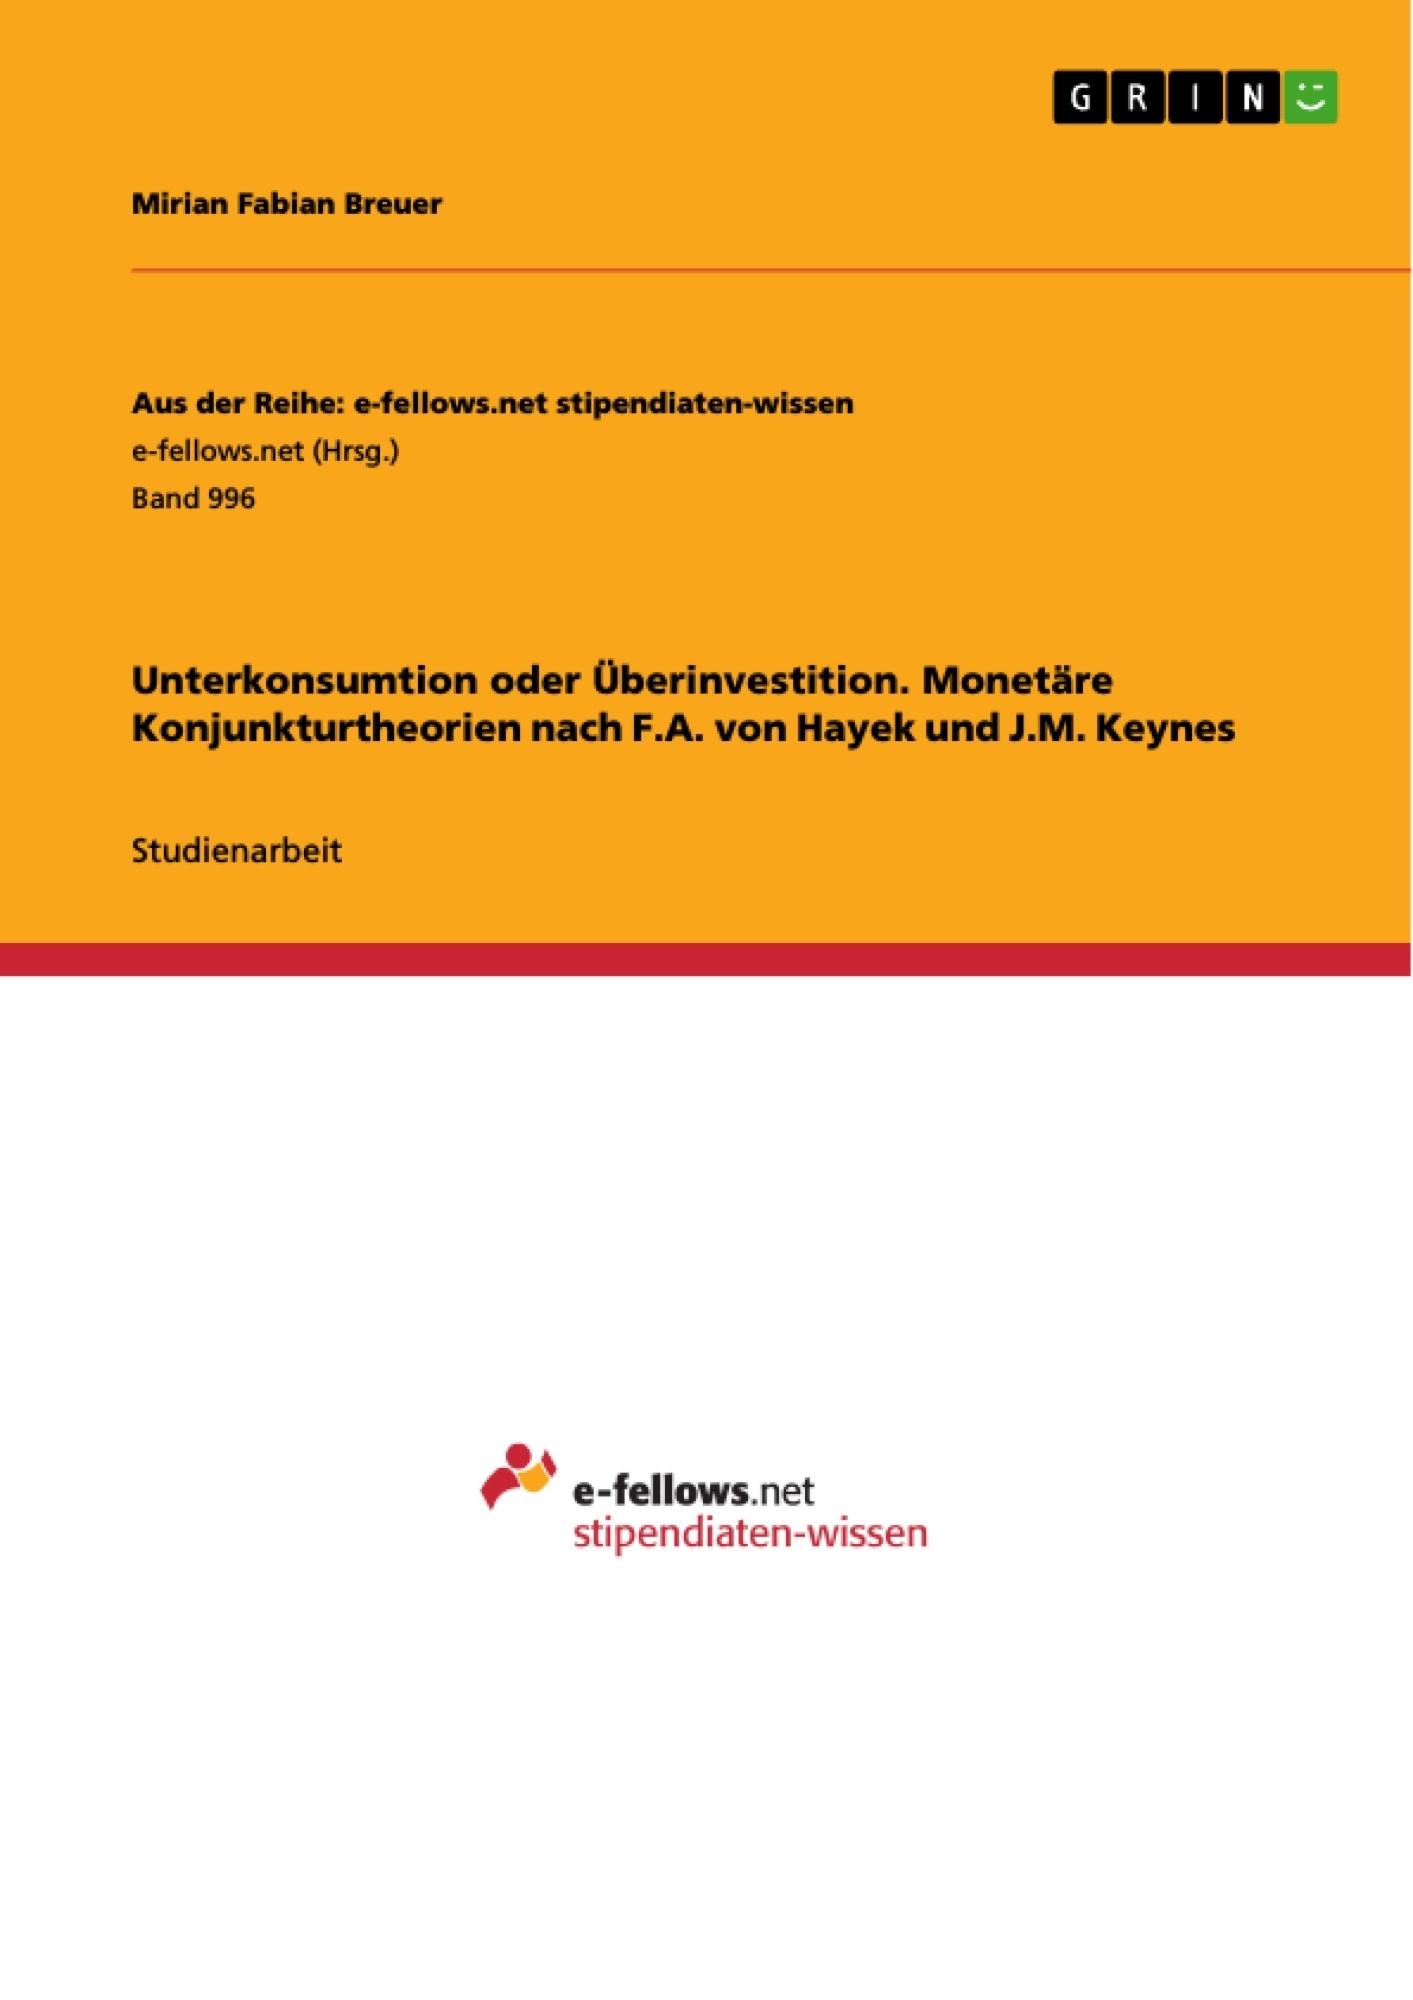 Titel: Unterkonsumtion oder Überinvestition. Monetäre Konjunkturtheorien nach F.A. von Hayek und J.M. Keynes